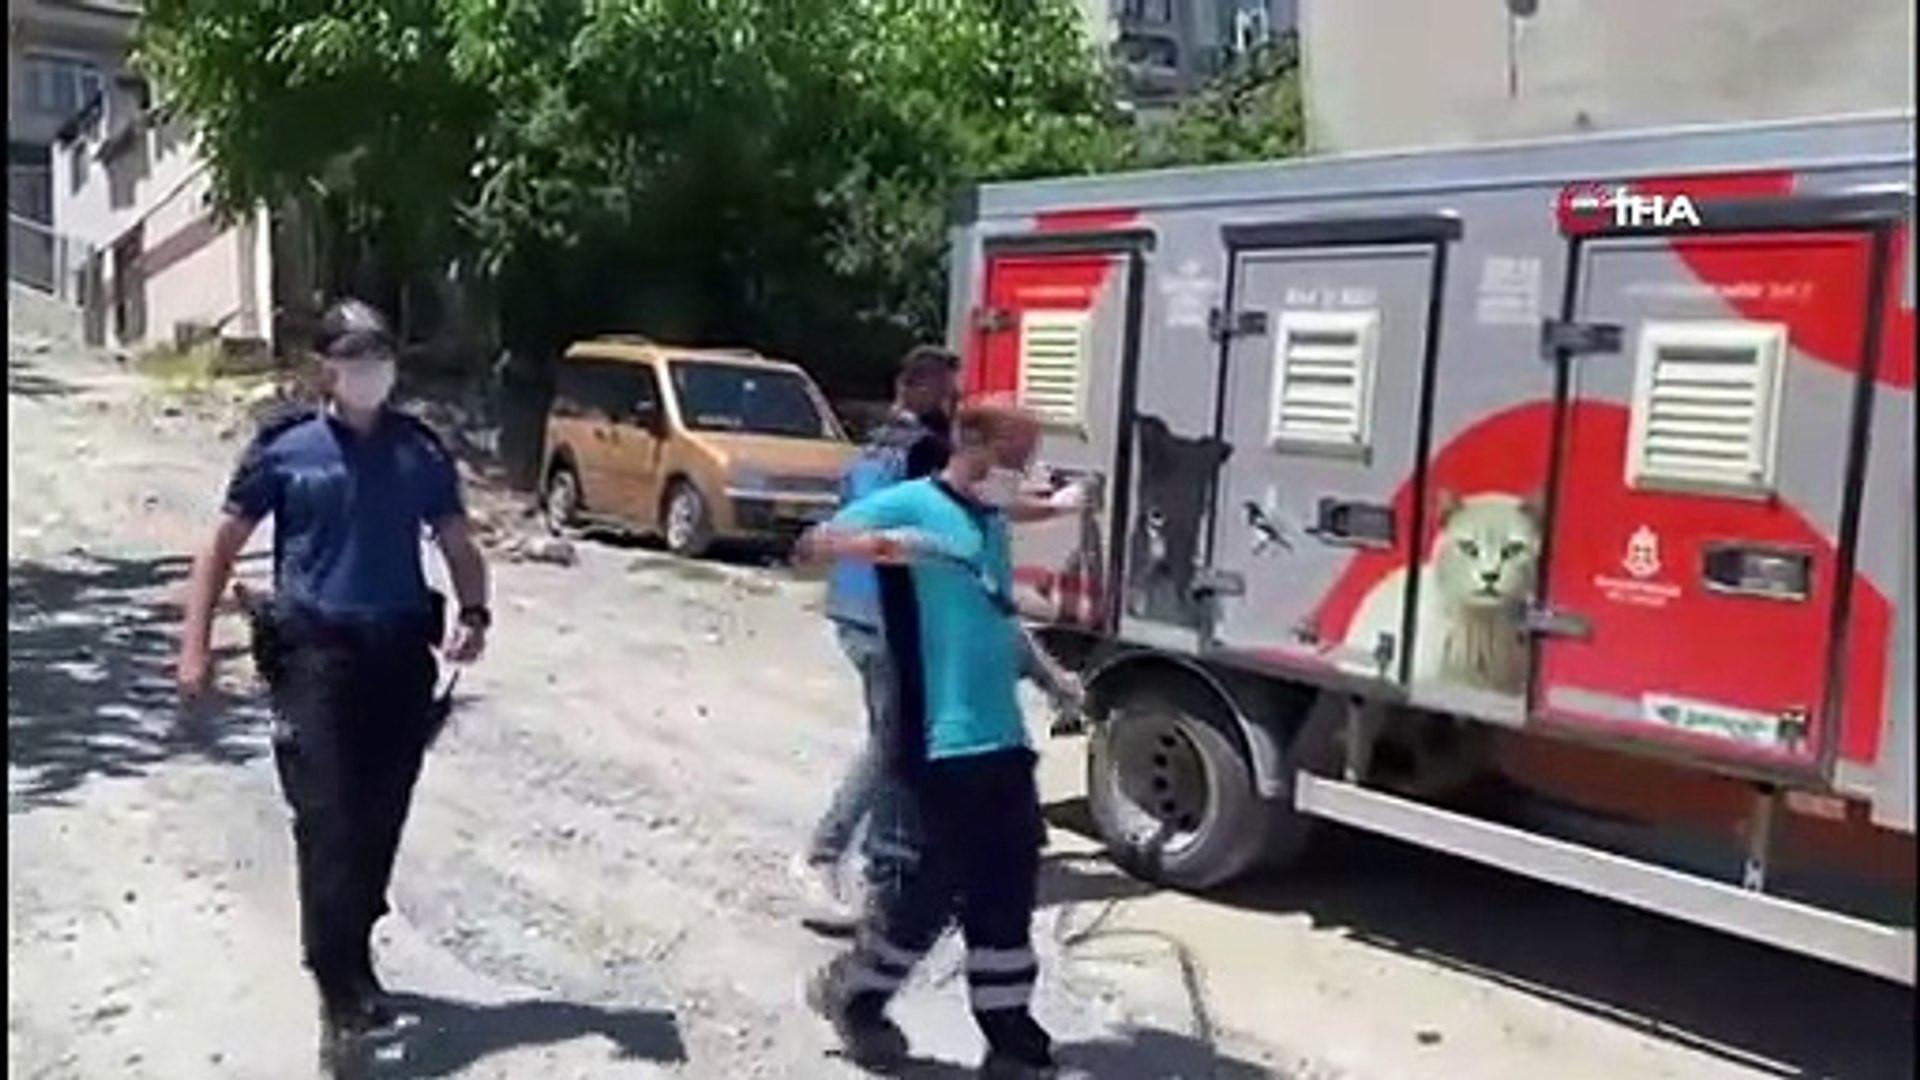 Yine pitbull dehşeti! Genç kızı köpeğin ağzından mahalleli kurtardı